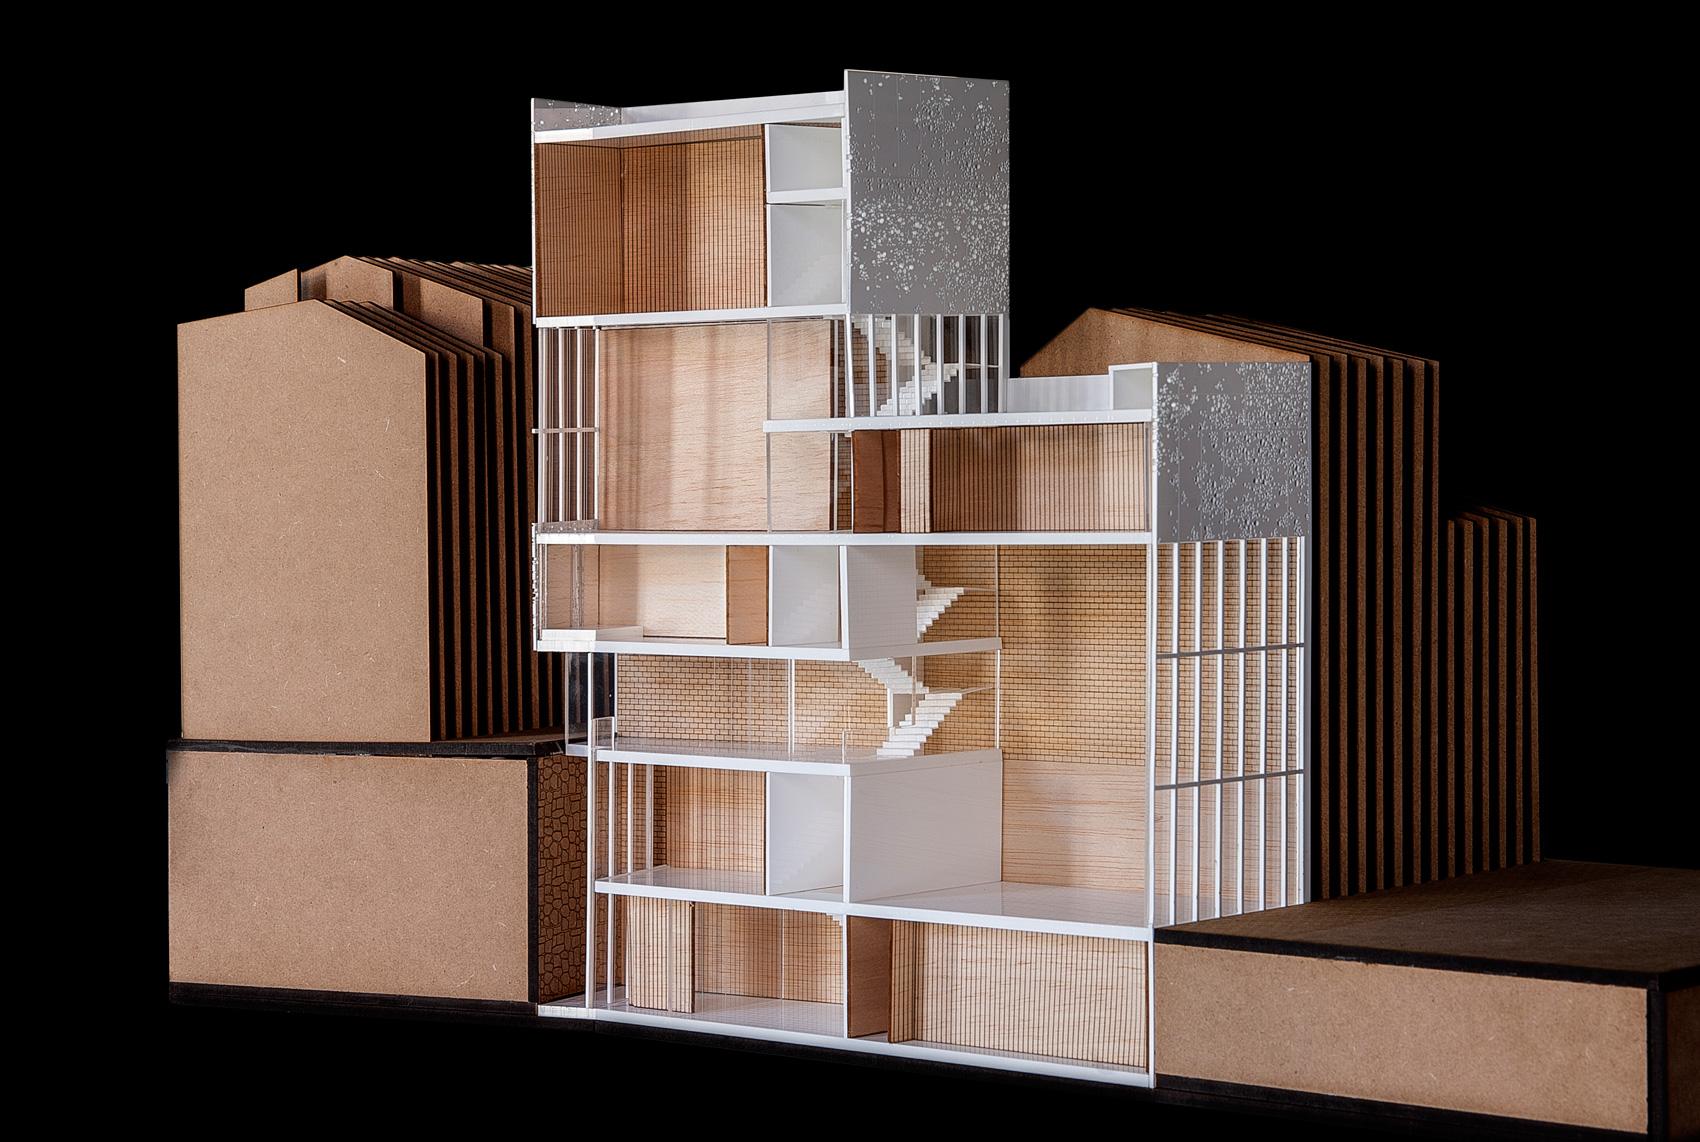 maqueta-arquitectura-concurso-valencia-seccionada-architecture-model-section- (8)